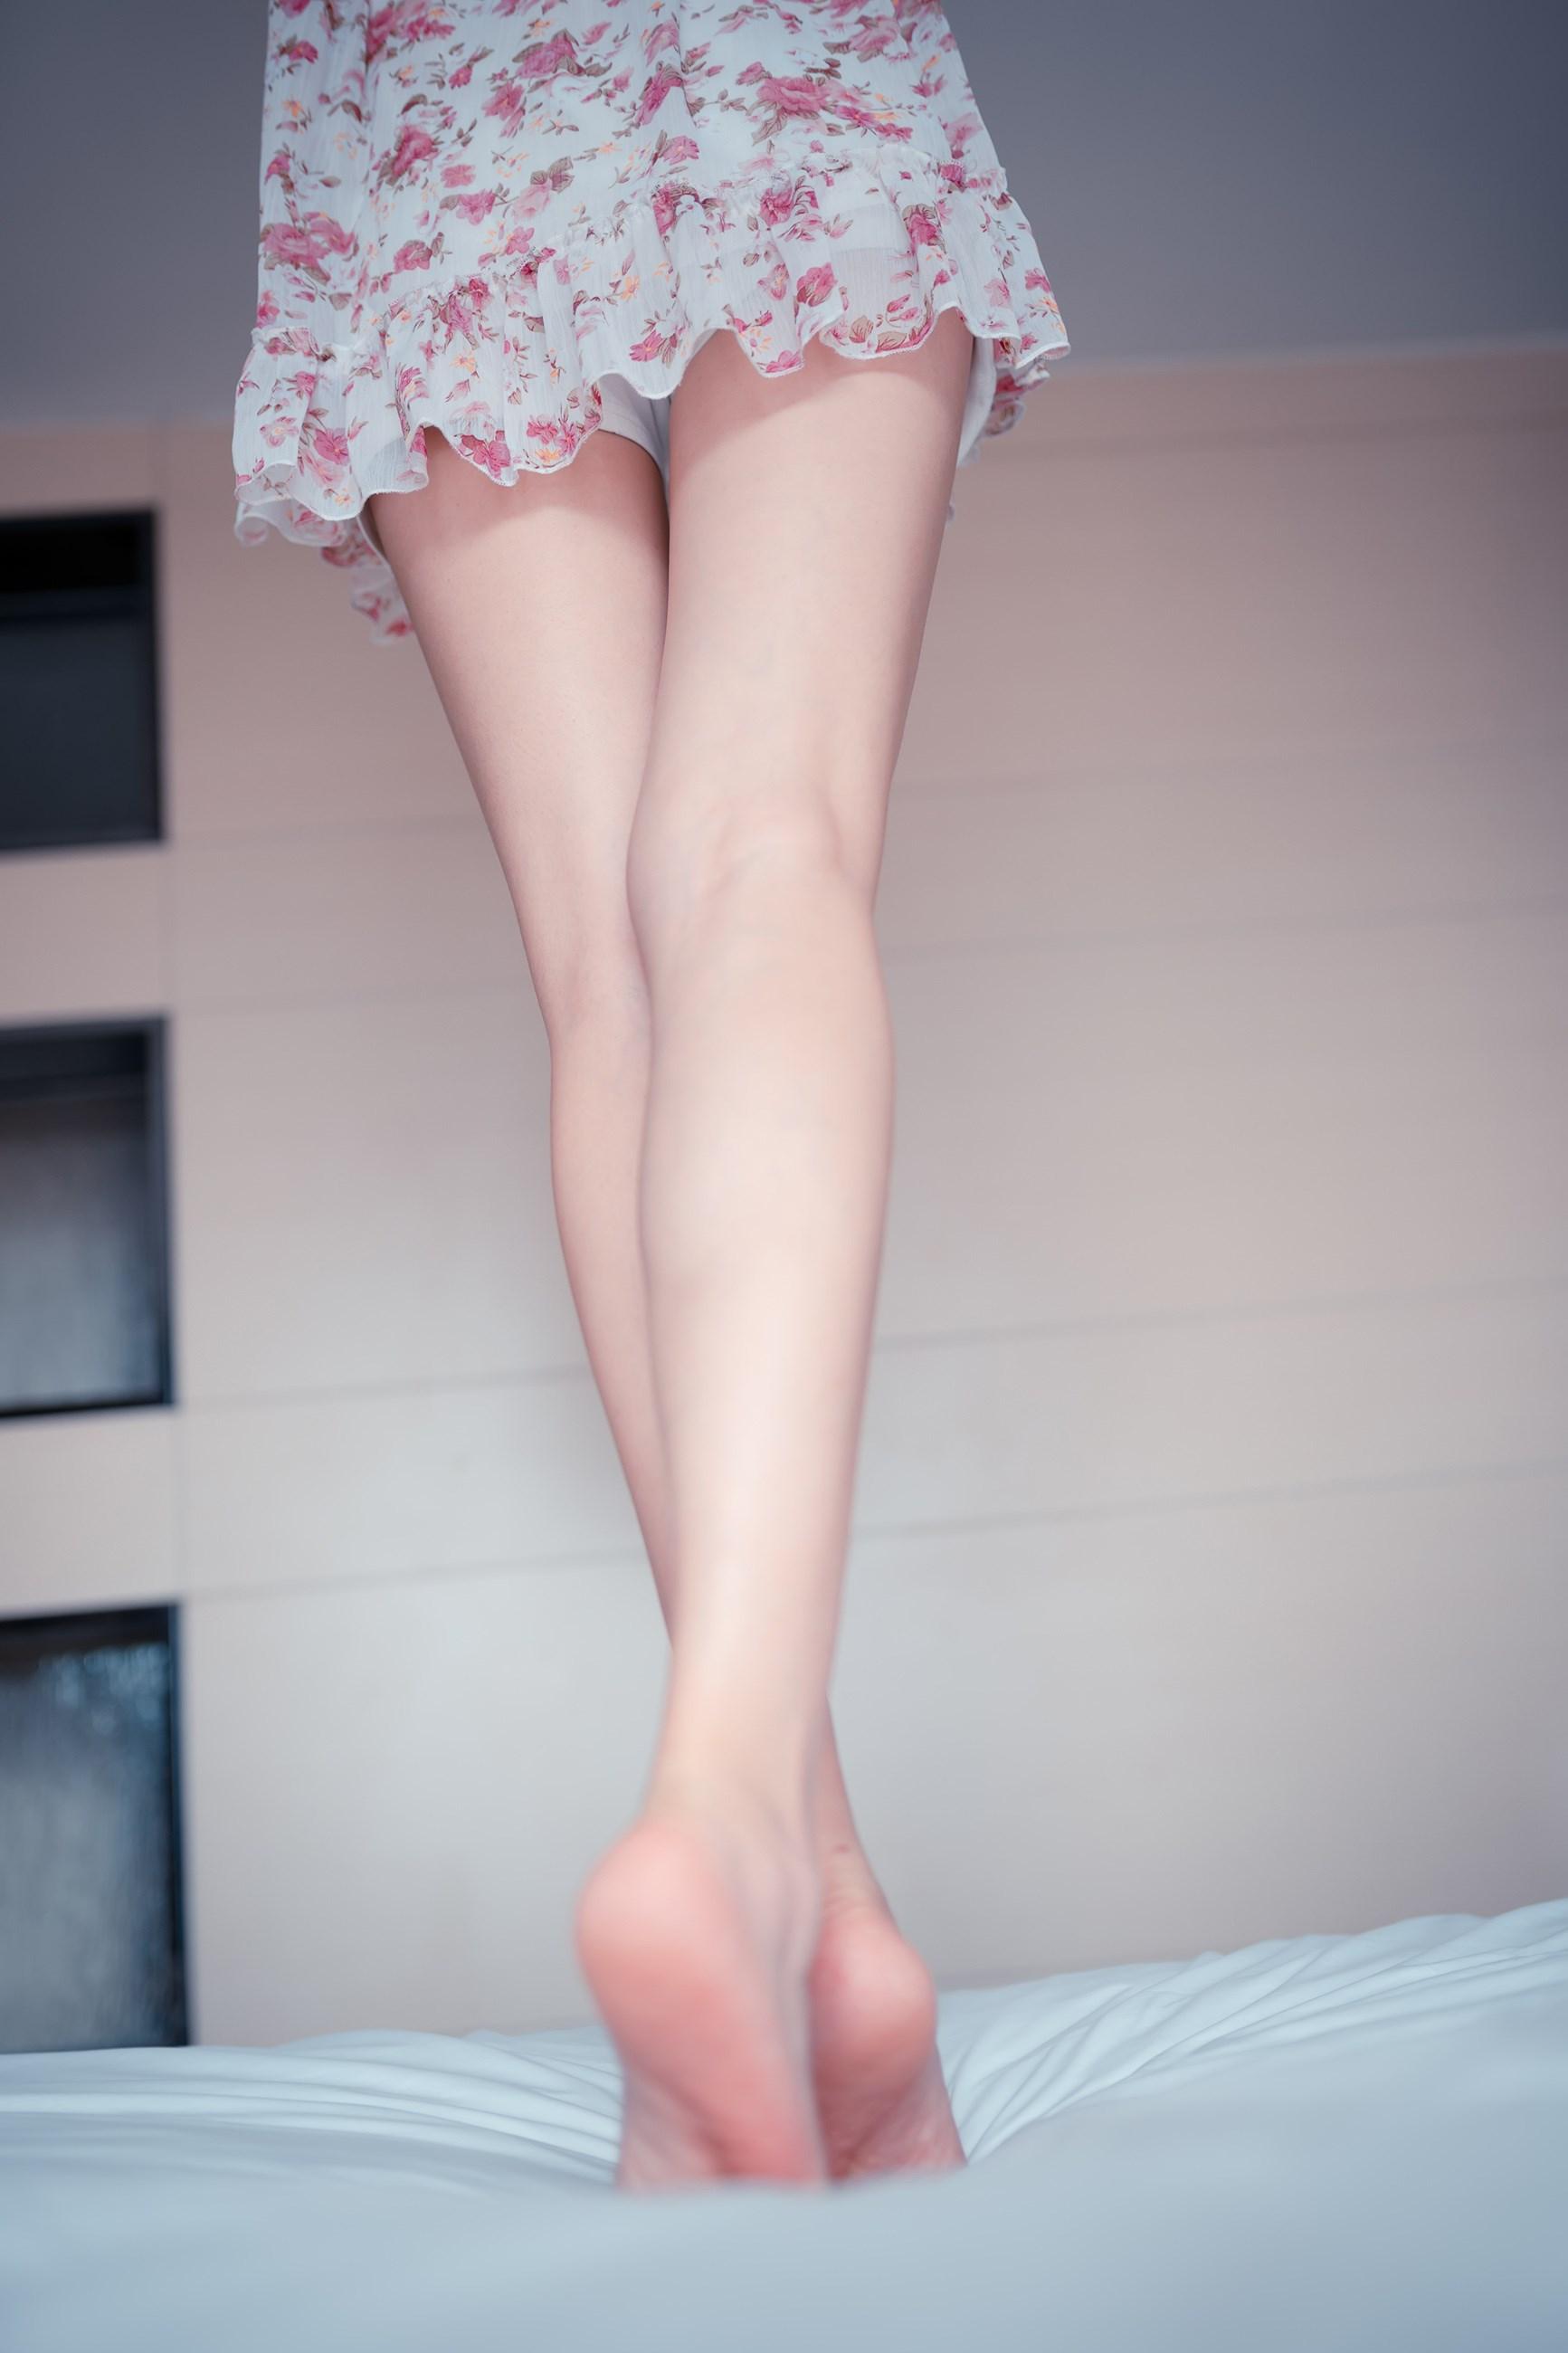 【兔玩映画】粉嫩嫩的小腿 兔玩映画 第27张